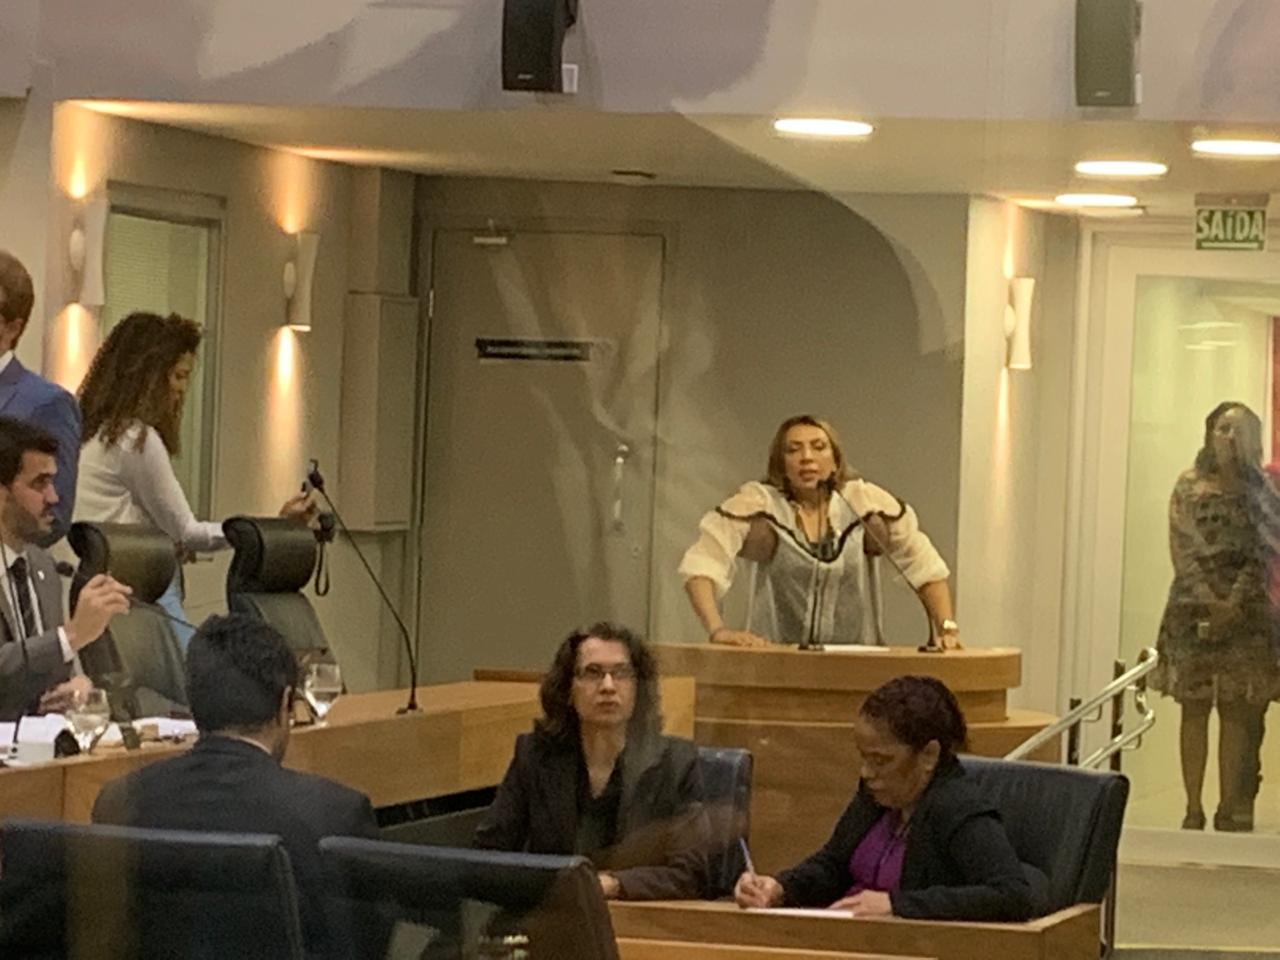 33fc2ea9 0150 4678 86af 173f66aa4eca - ACESSIBILIDADE: 'É uma casa de leis que cumpre leis', diz Cida após reforma do plenário